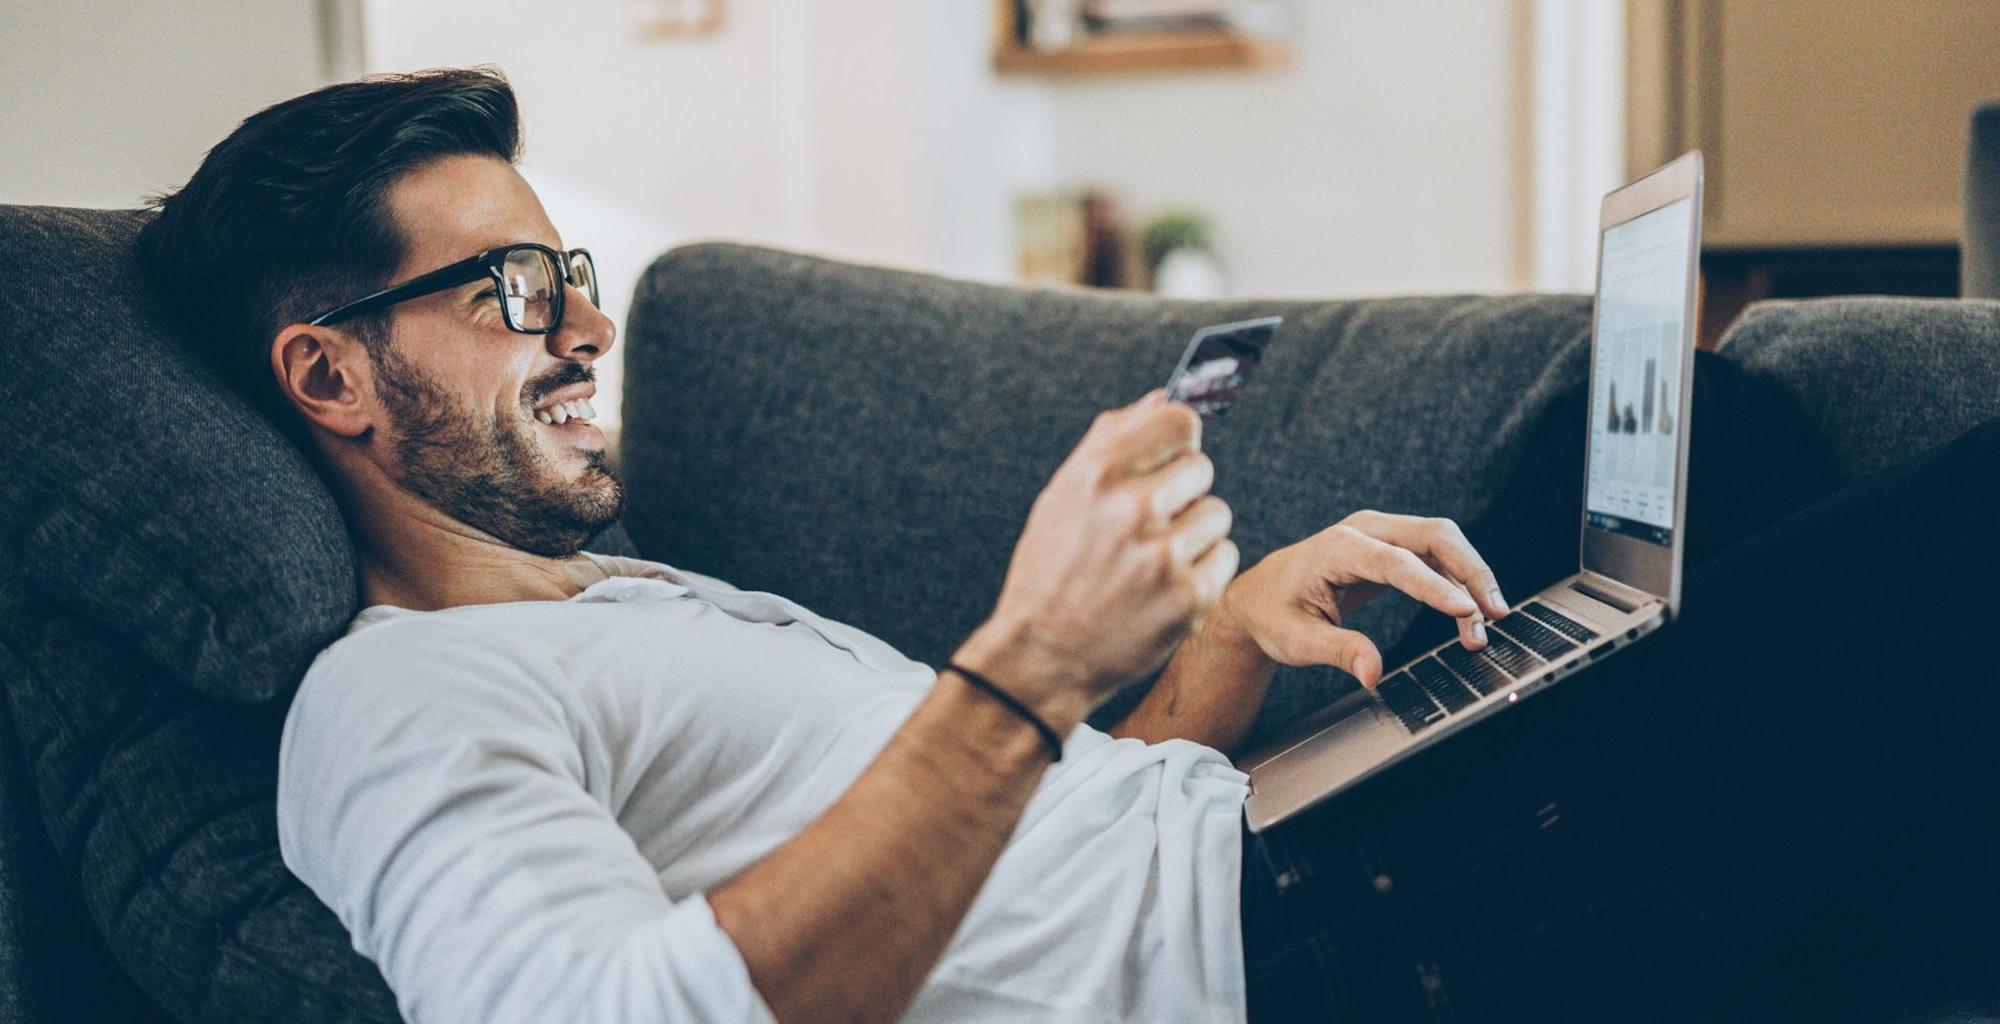 Recorrido del comprador: qué es y cuáles son las fases en tu negocio online